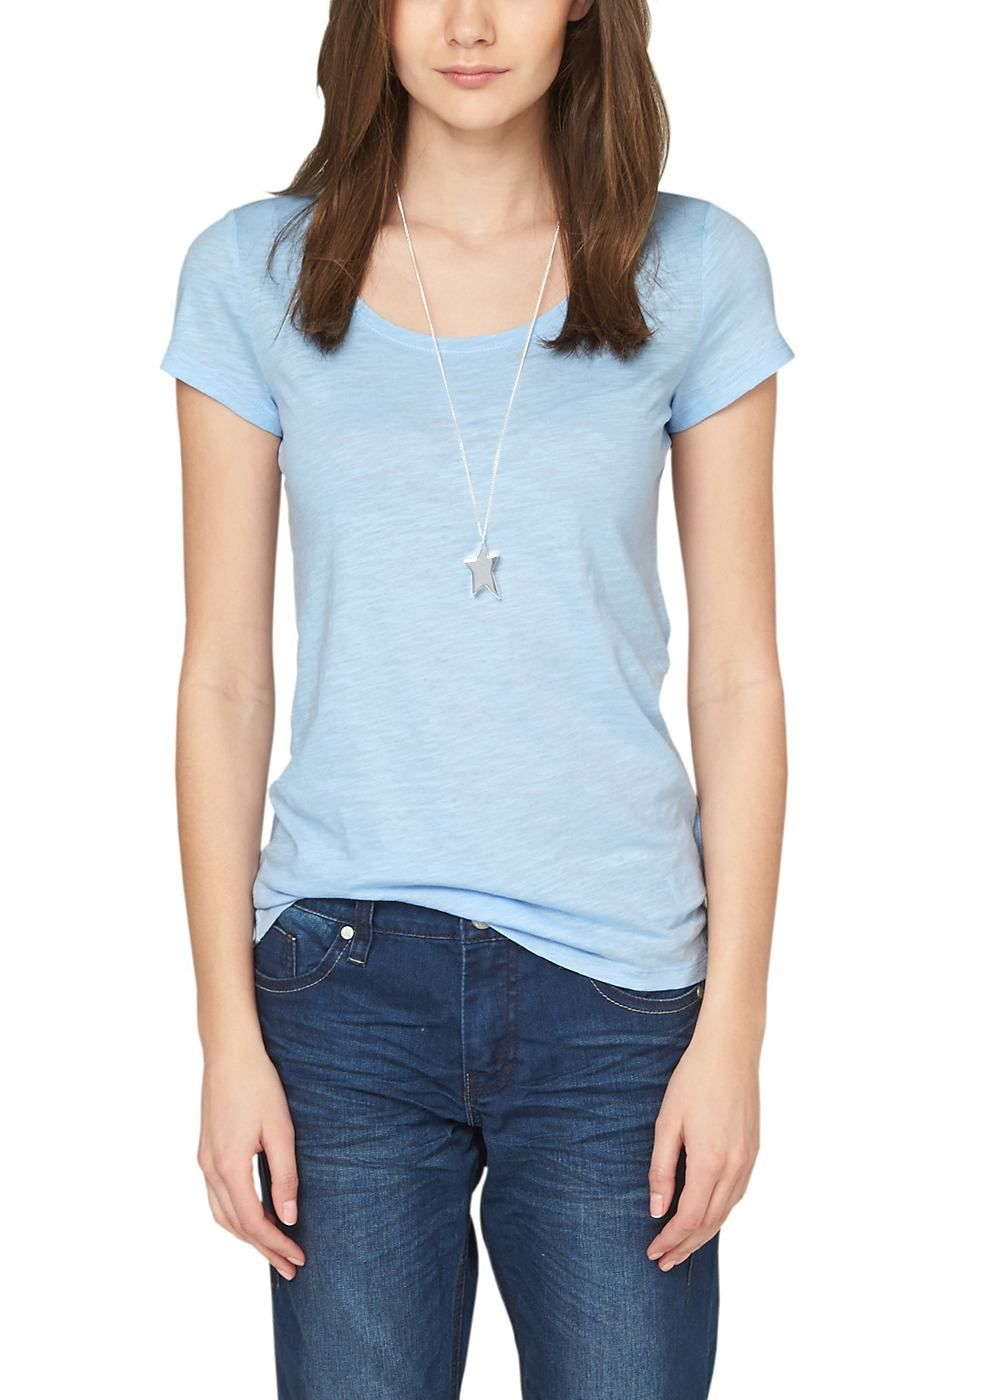 Flammgarnshirt T-Shirt in Unicolor. Mit typischer Flammgarn-Struktur. Weiter Rundhalsausschnitt mit schmaler Rippblende. Antaillierte Passform; Rückenlänge bei Größe 36 ca. 60 cm. Extra leichte, zarte Baumwoll-Qualität. Ein stylisches Shirt, das einfach zu kombinieren ist und mit seiner Flammgarn-Struktur für einen spannenden Look sorgt..  Materialzusammensetzung:Obermaterial: 100% Baumwolle,  ...